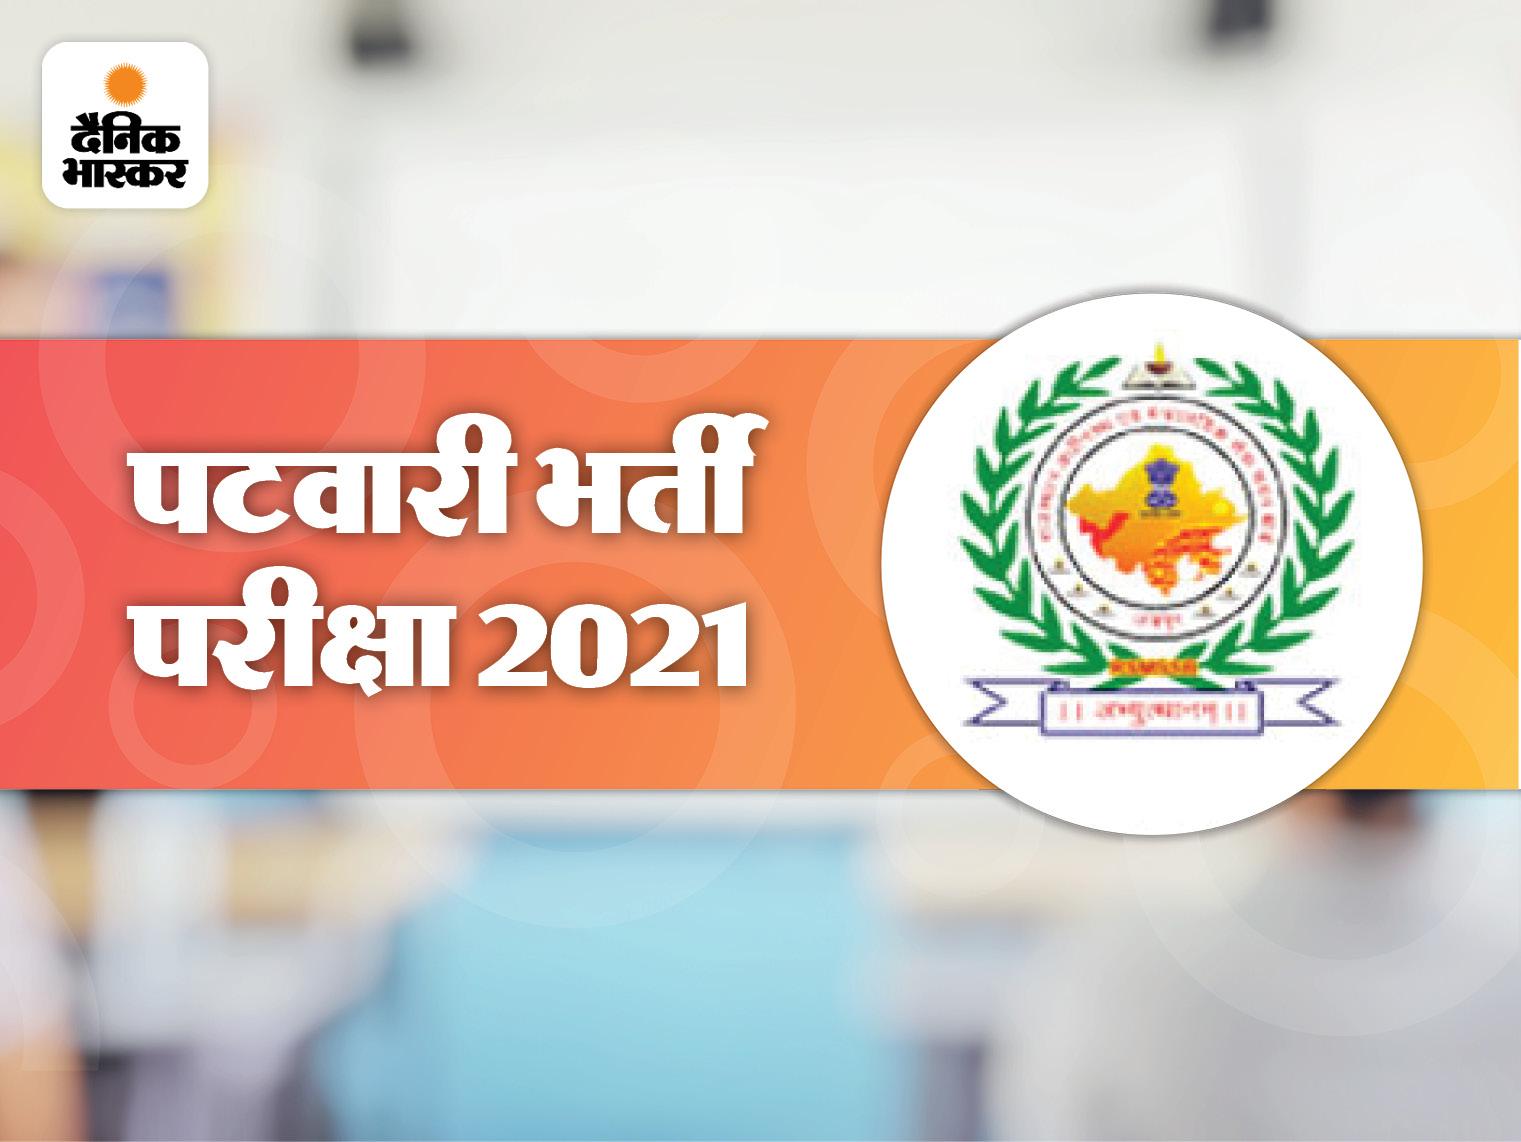 दैनिक भास्कर ऐप पर आज से स्पेशल सीरीज, सब्जेक्ट एक्सपर्ट की टीम देगी हर सवाल का जवाब, जानिए कैसे करें तैयारी|पटवारी भर्ती परीक्षा,RSMSSB Patwari Exam 2021 - Dainik Bhaskar